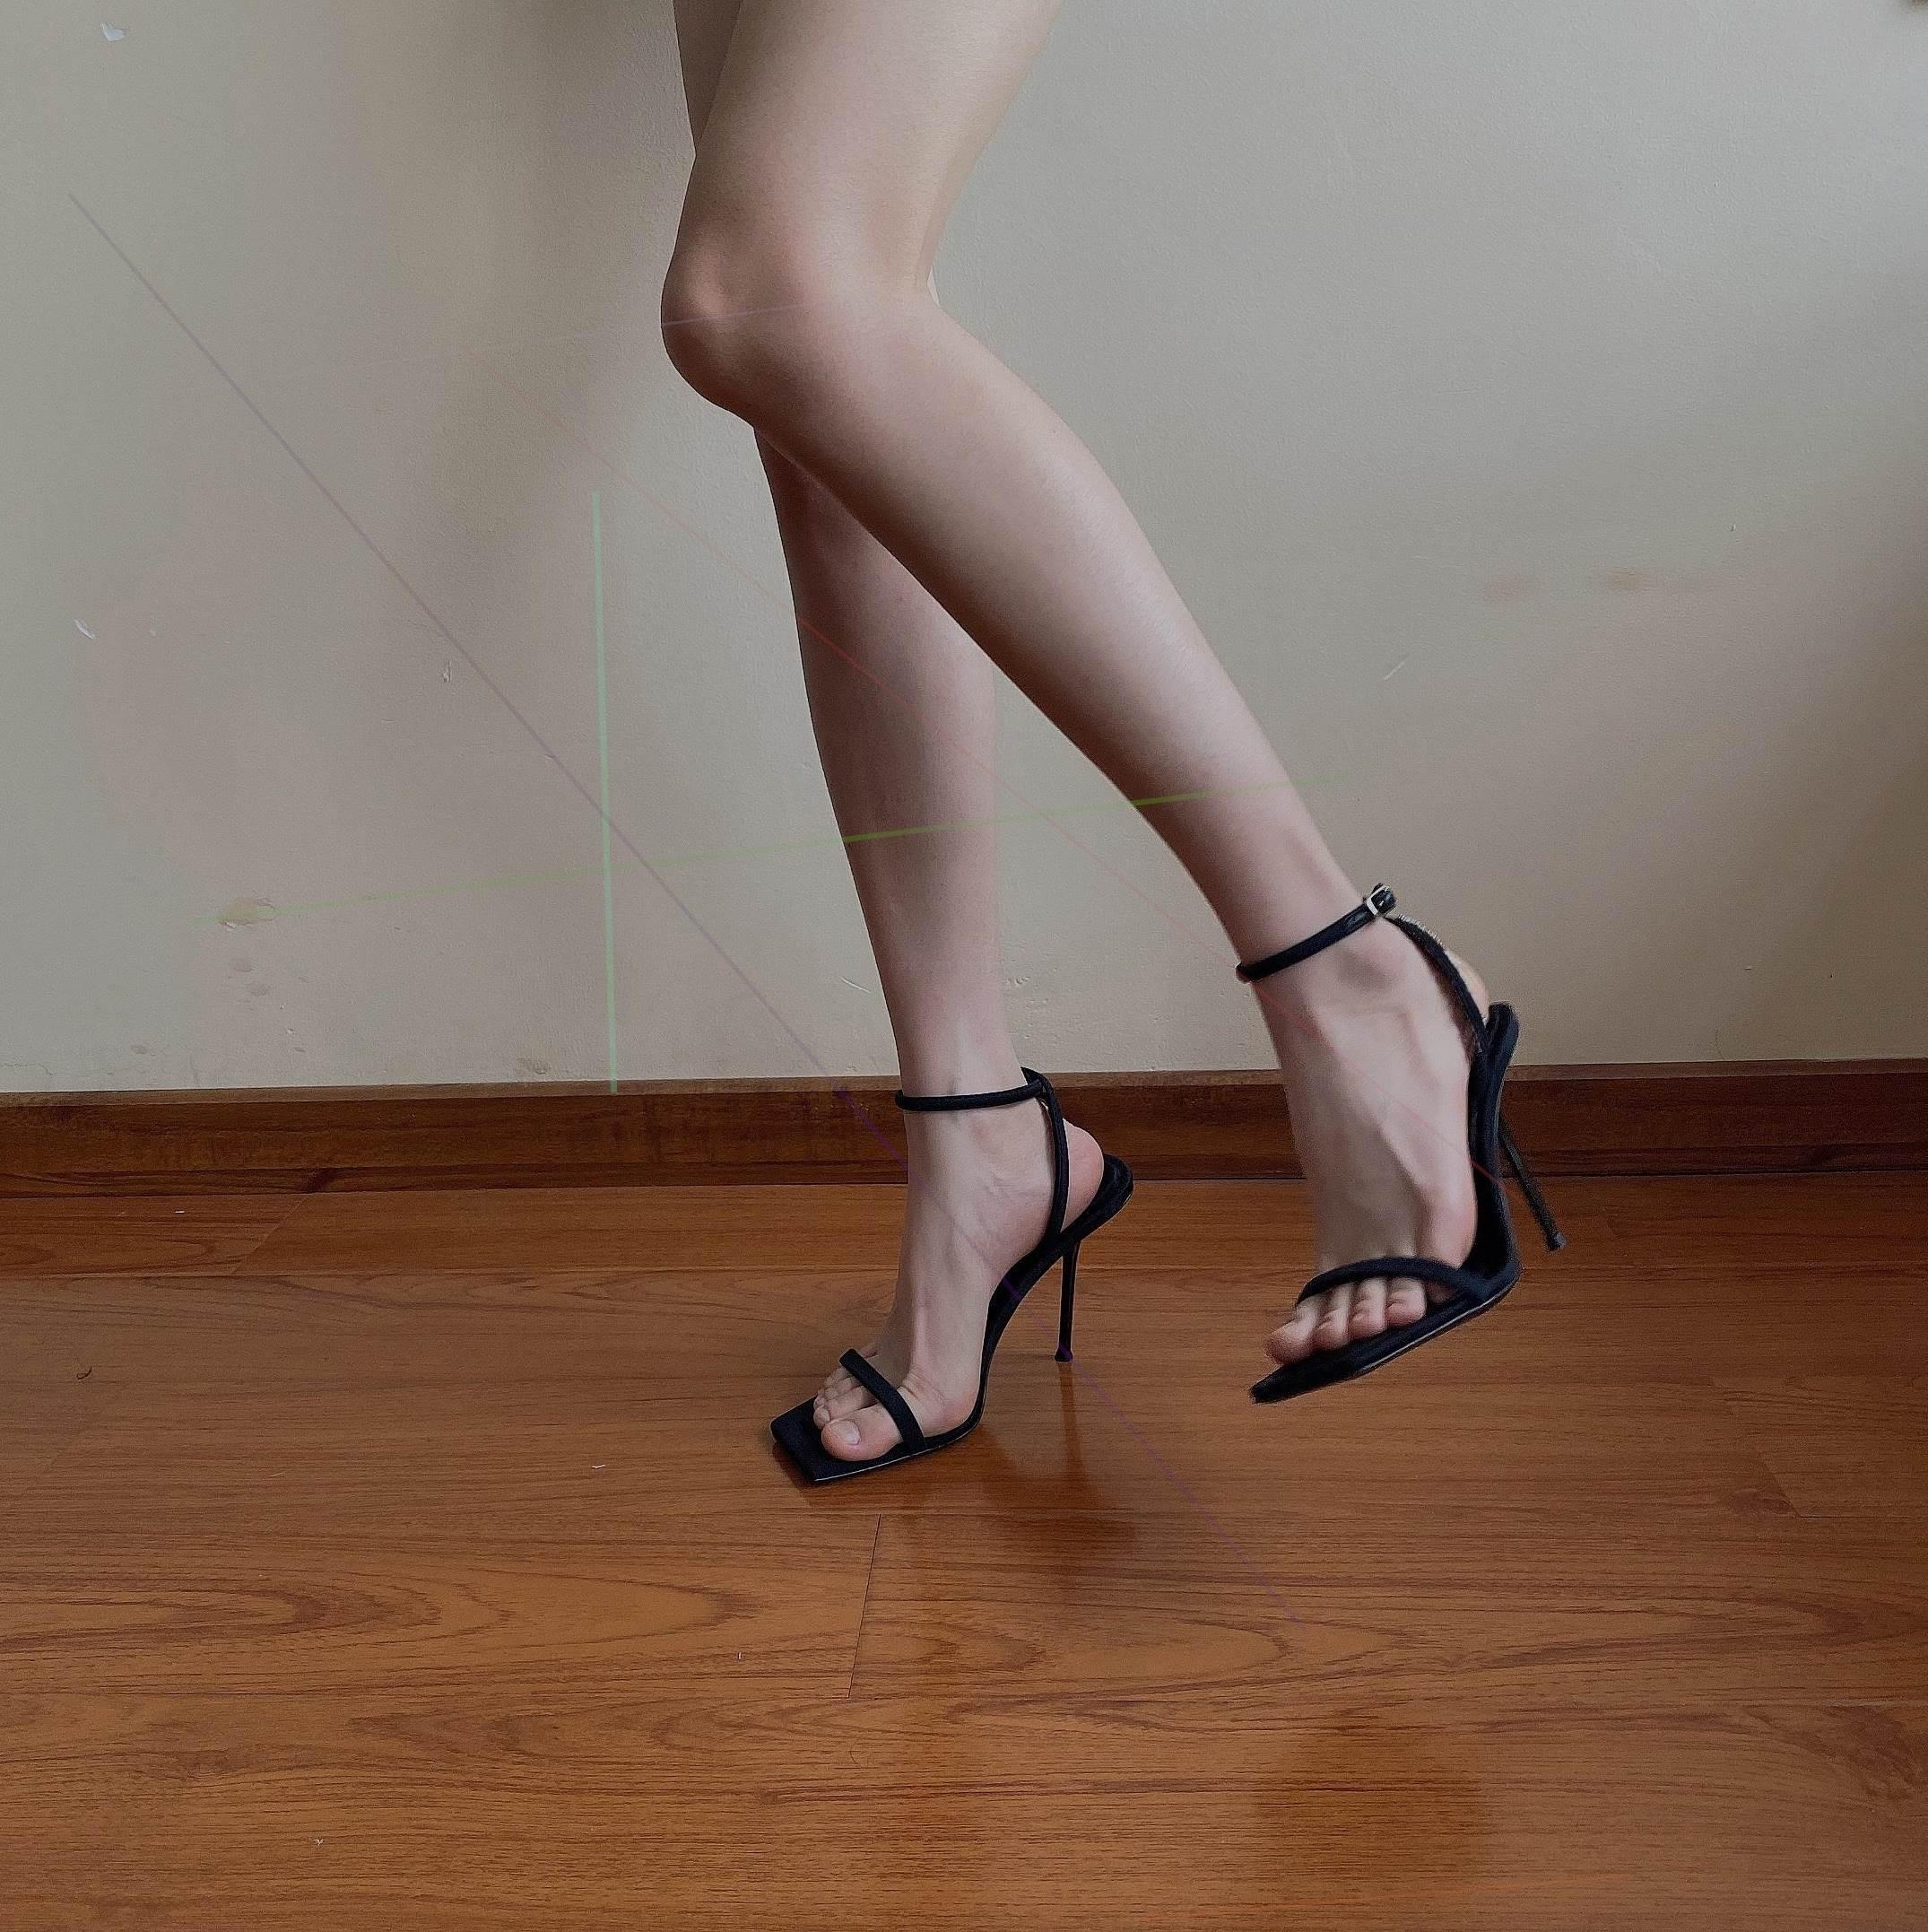 2021年夏季新款方头小众一字带凉鞋高跟鞋女细跟黑色绒面露paIU